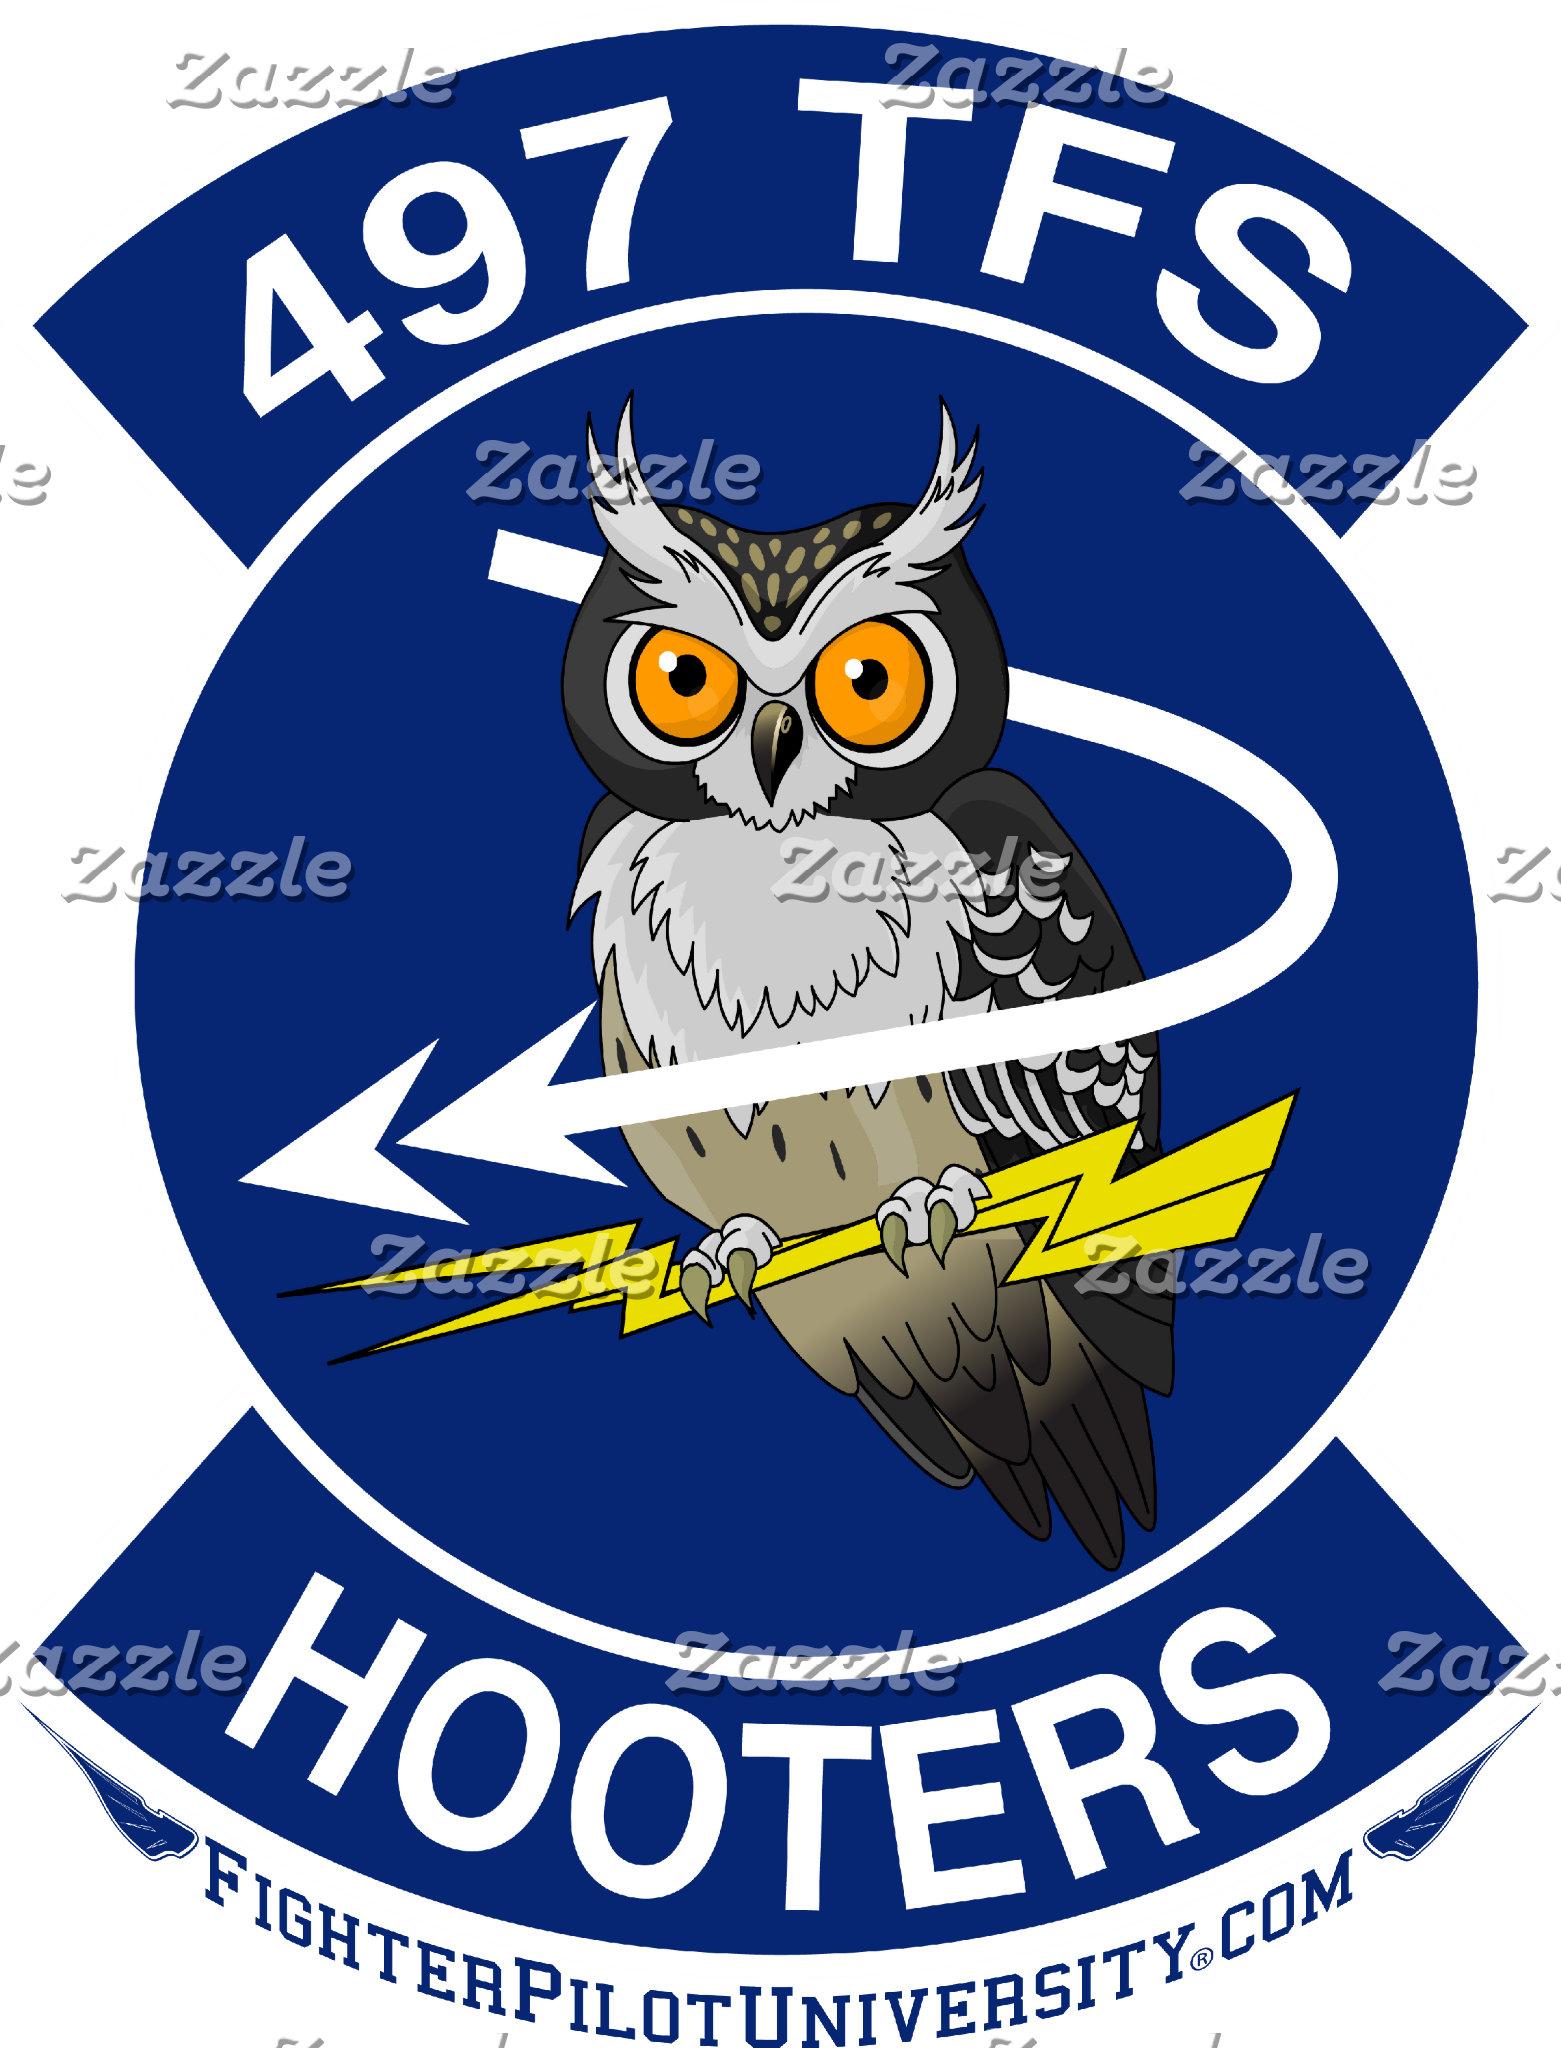 Retro Fighter Squadrons